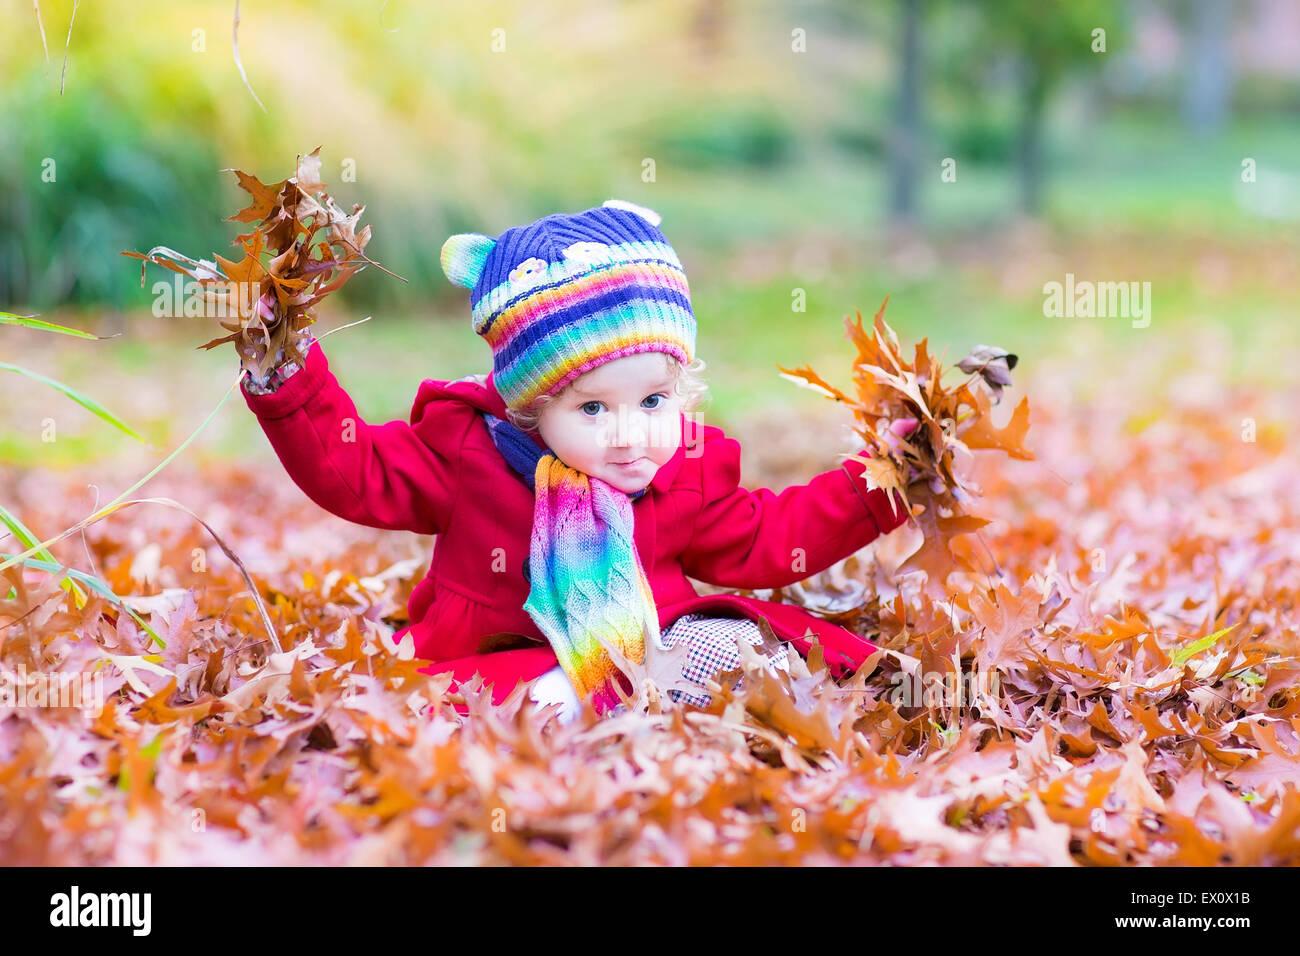 Adorable bébé fille avec un foulard et un chapeau coloré jouant avec  feuilles rouges dans un parc d automne 9aef72cd51e